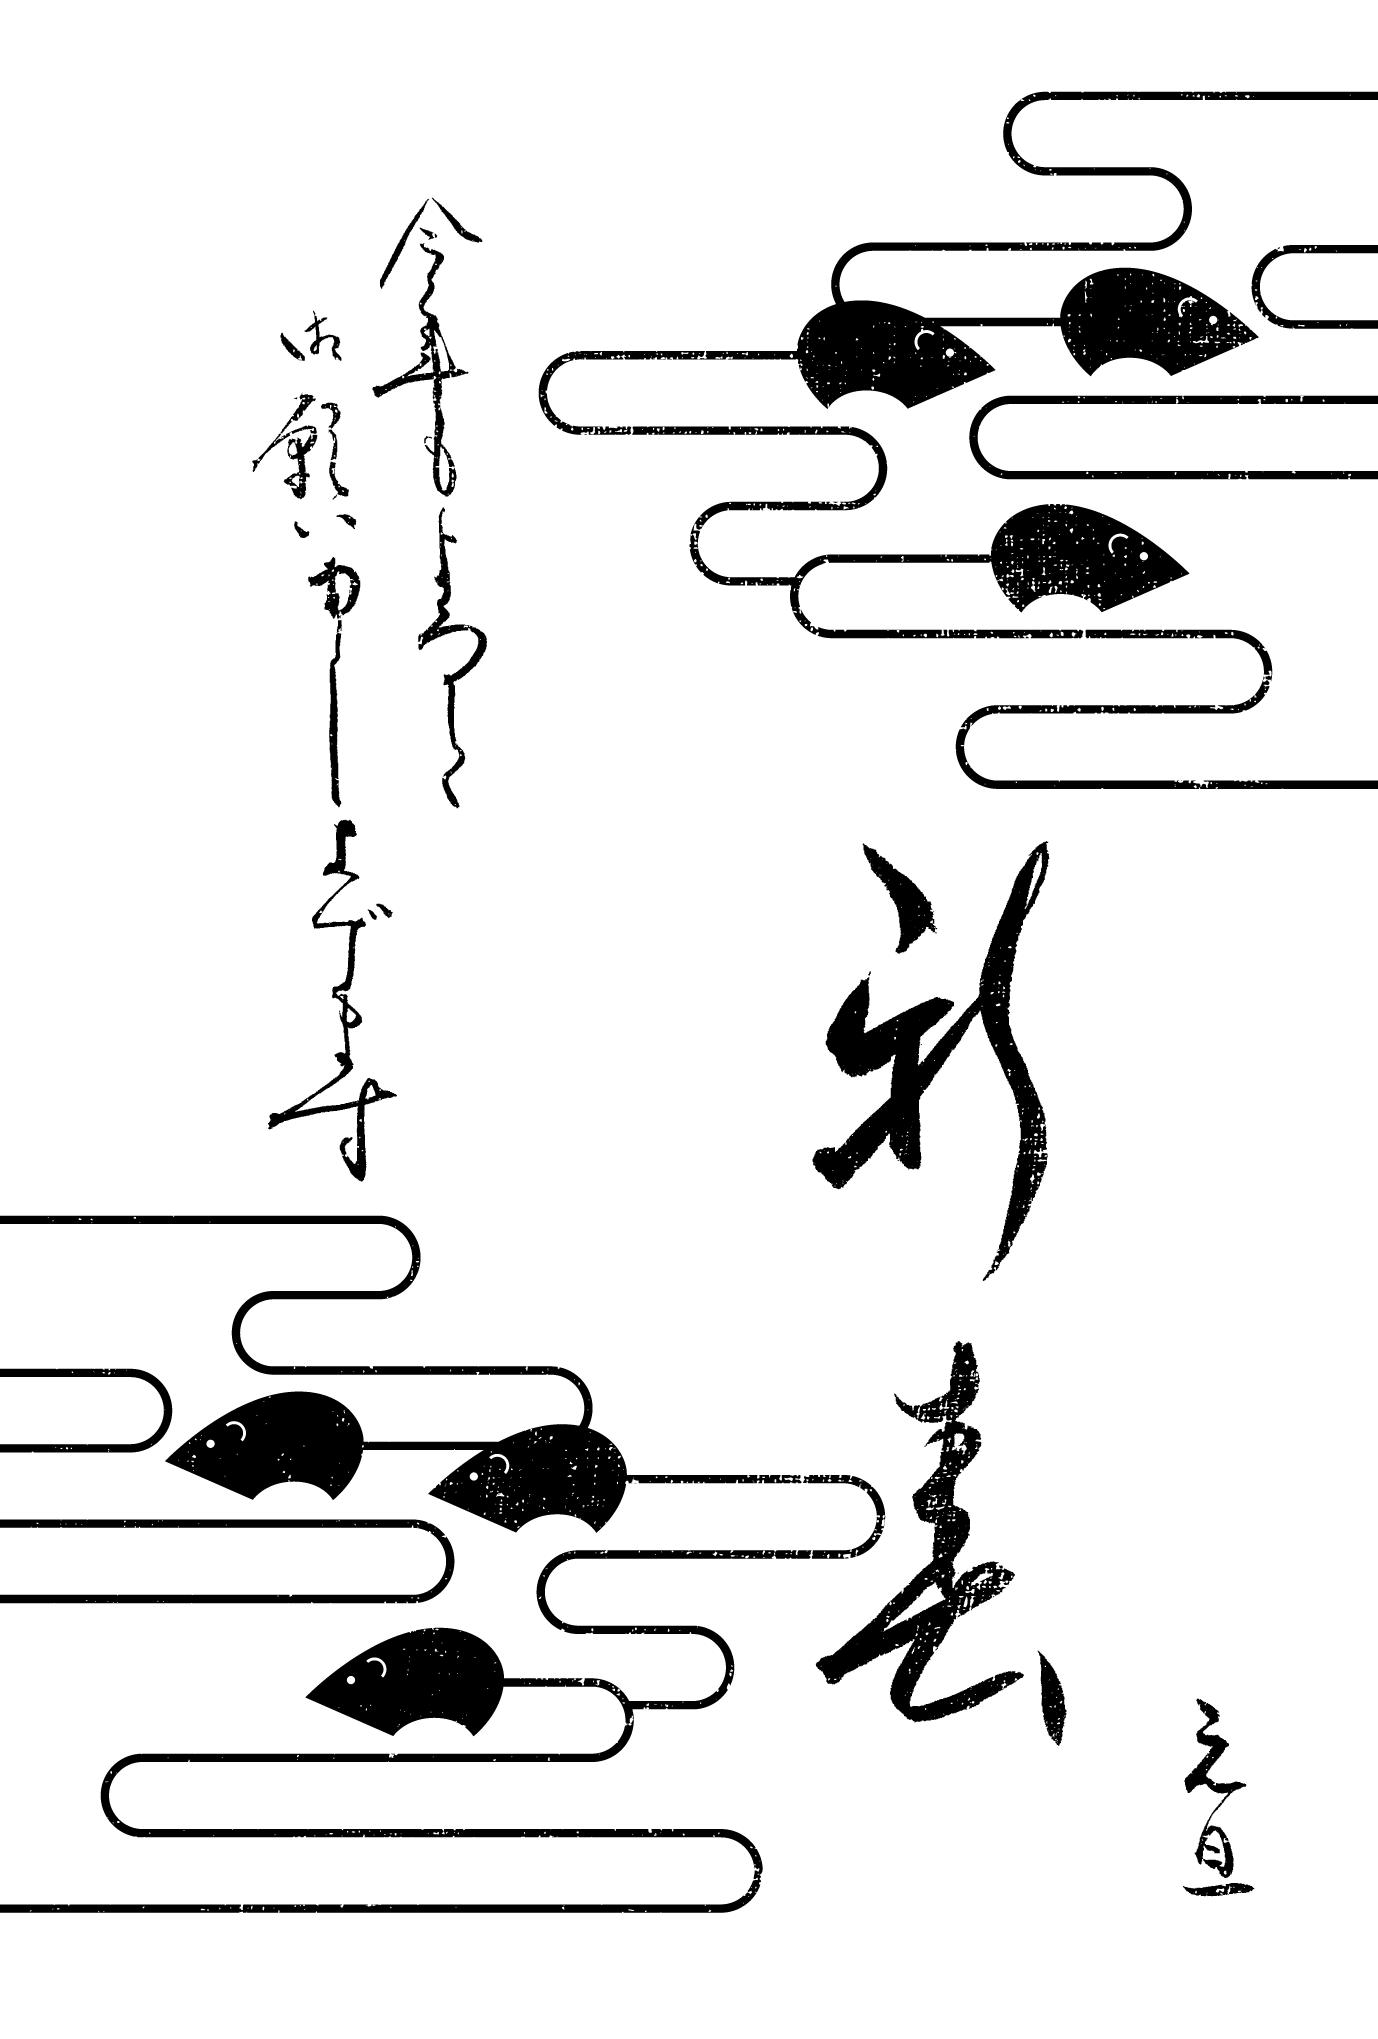 2020年賀状19-3:ネズミクラウド(新春)黒のダウンロード画像